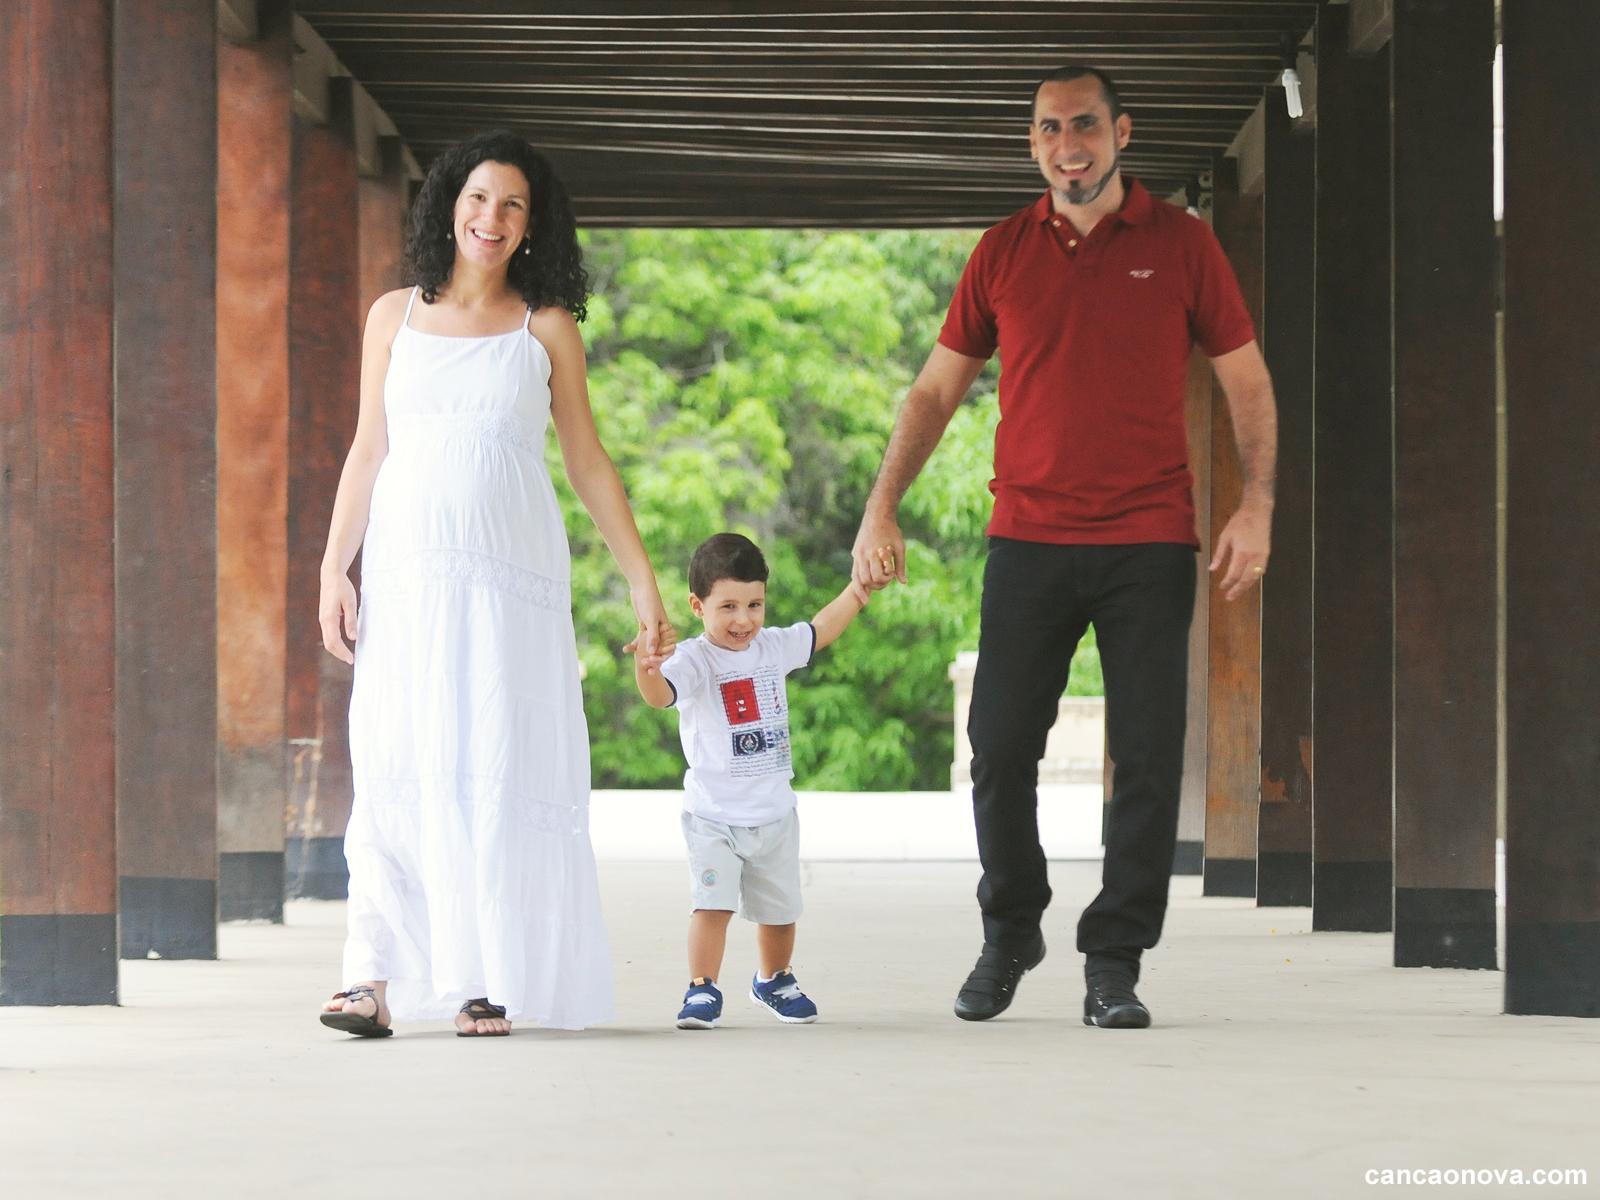 o-desafio-de-compreender-em-profundidade-a-importancia-da-familia